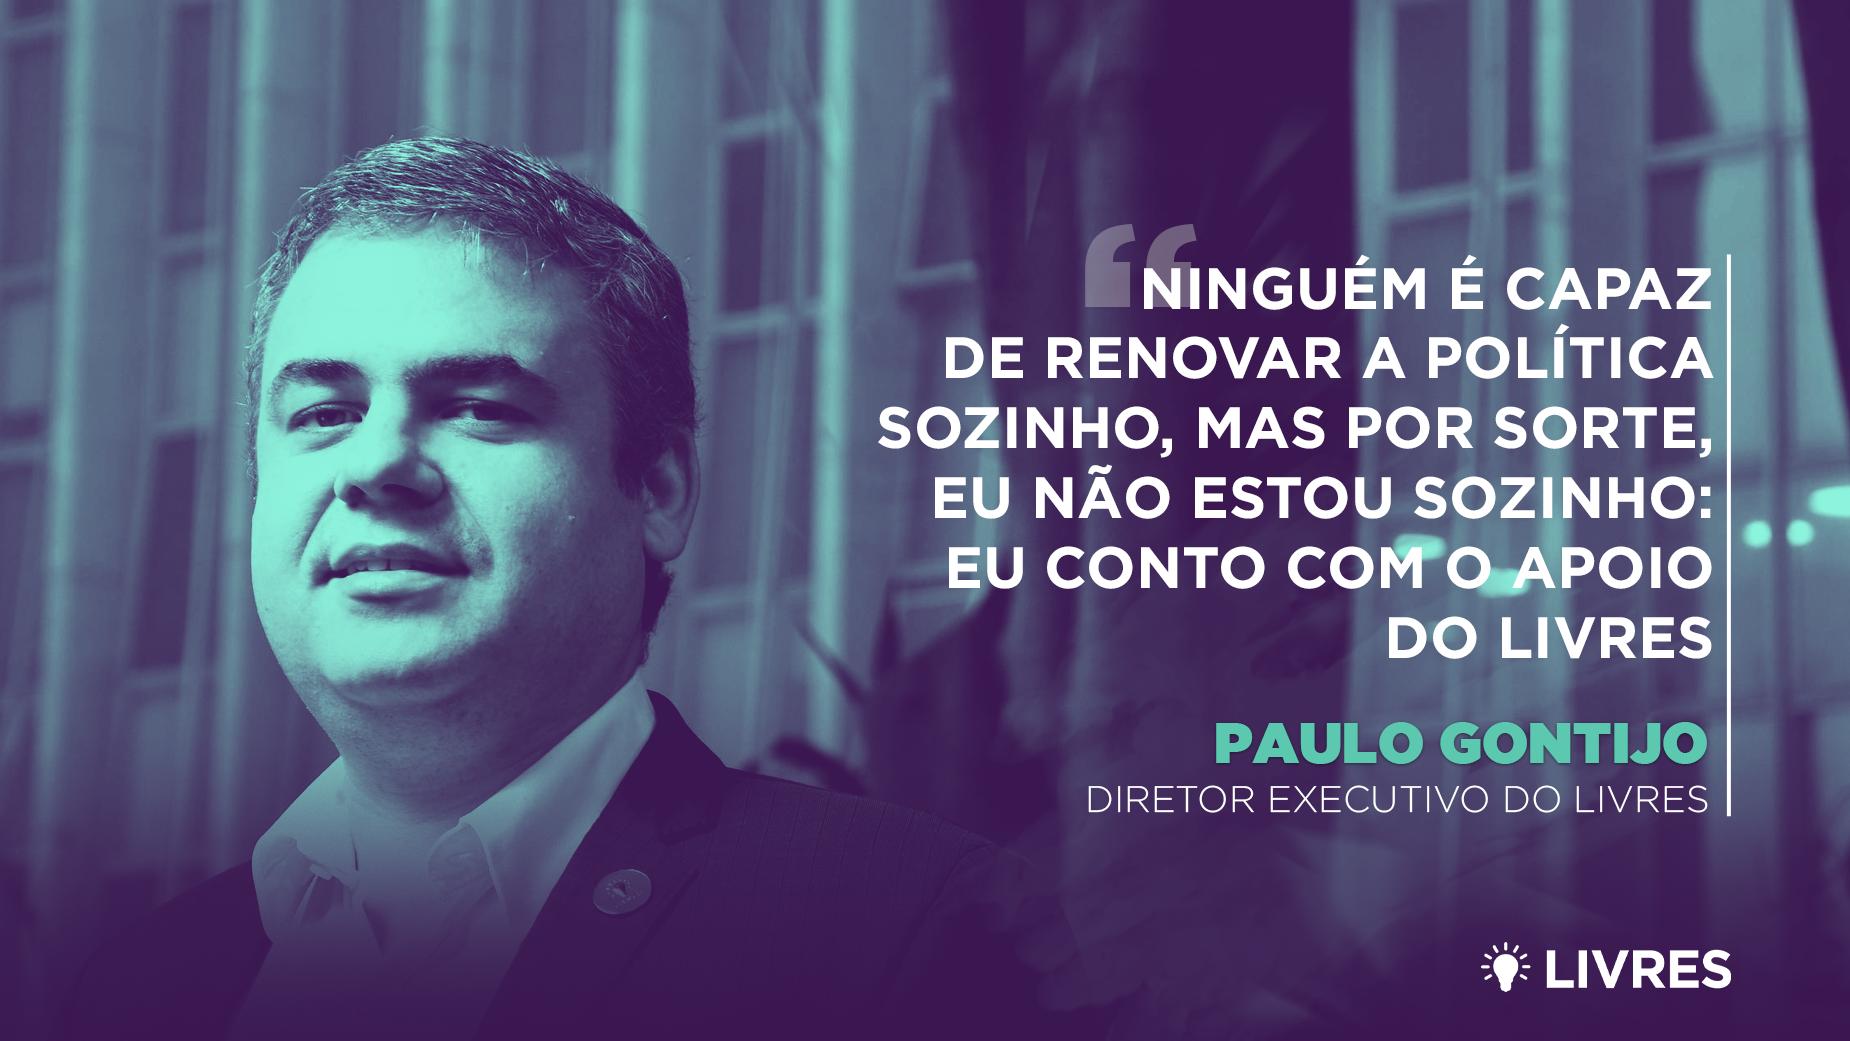 Você vai gostar de conhecer a história de Paulo Gontijo